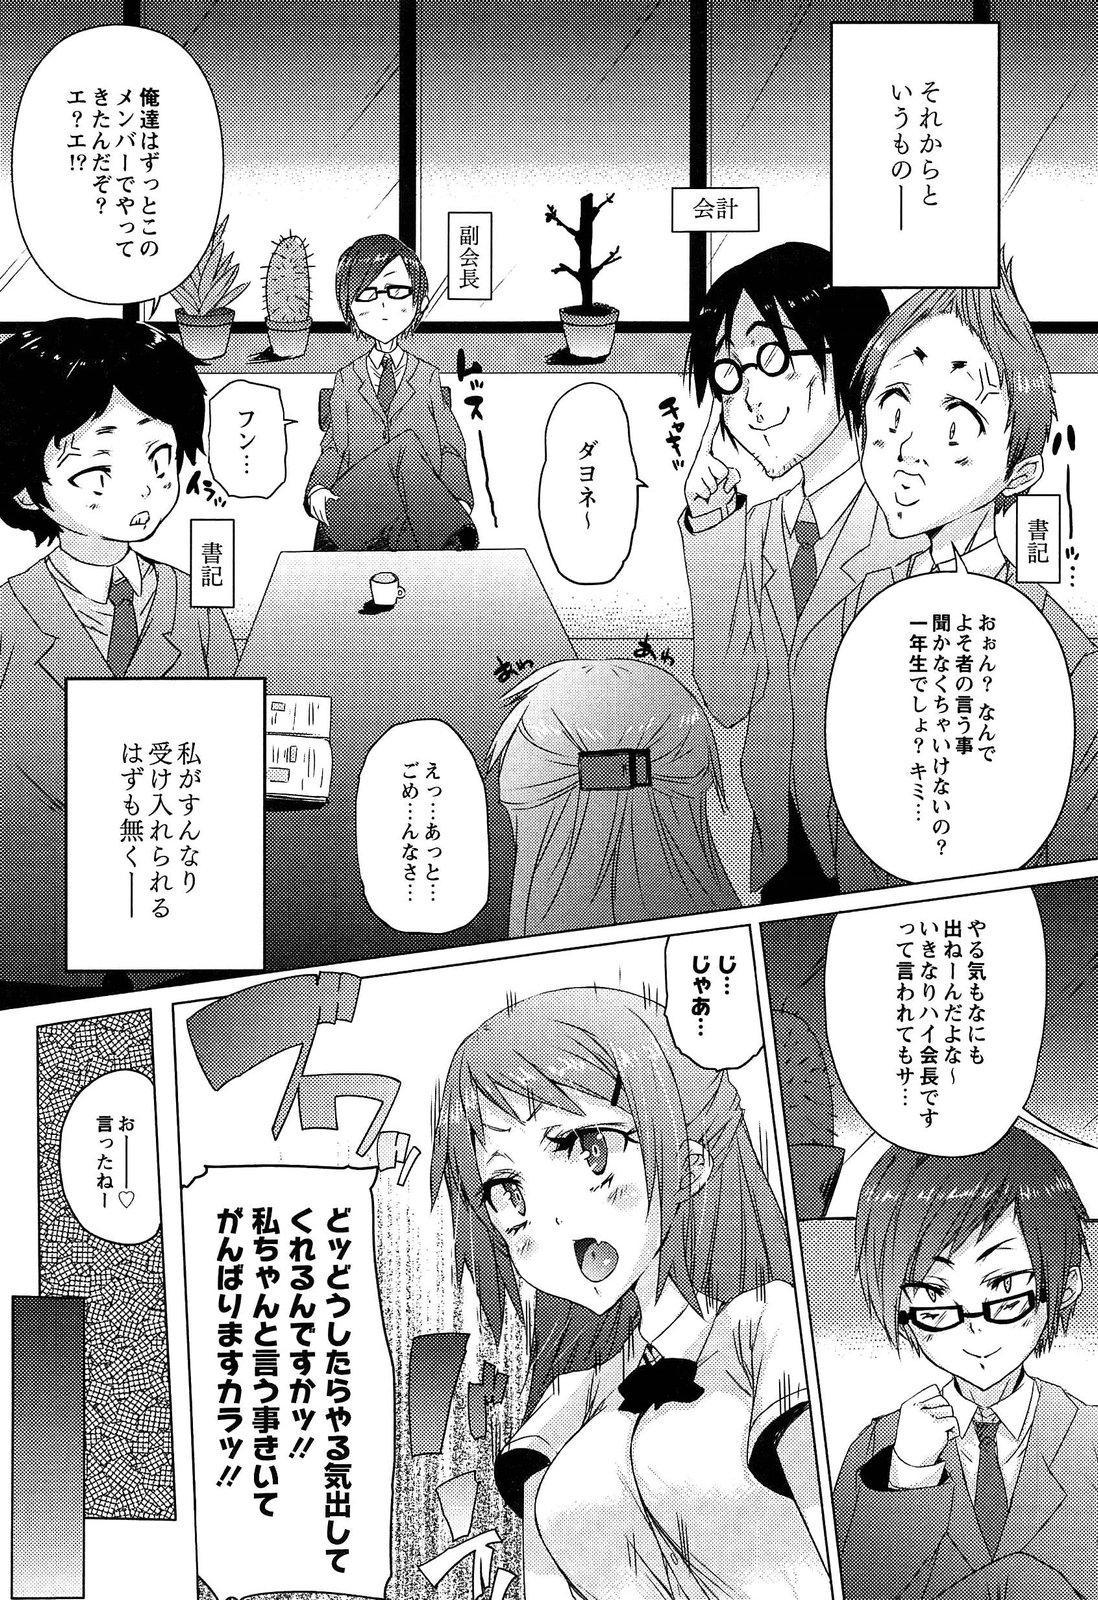 Torokeru Ochipo Milk 48